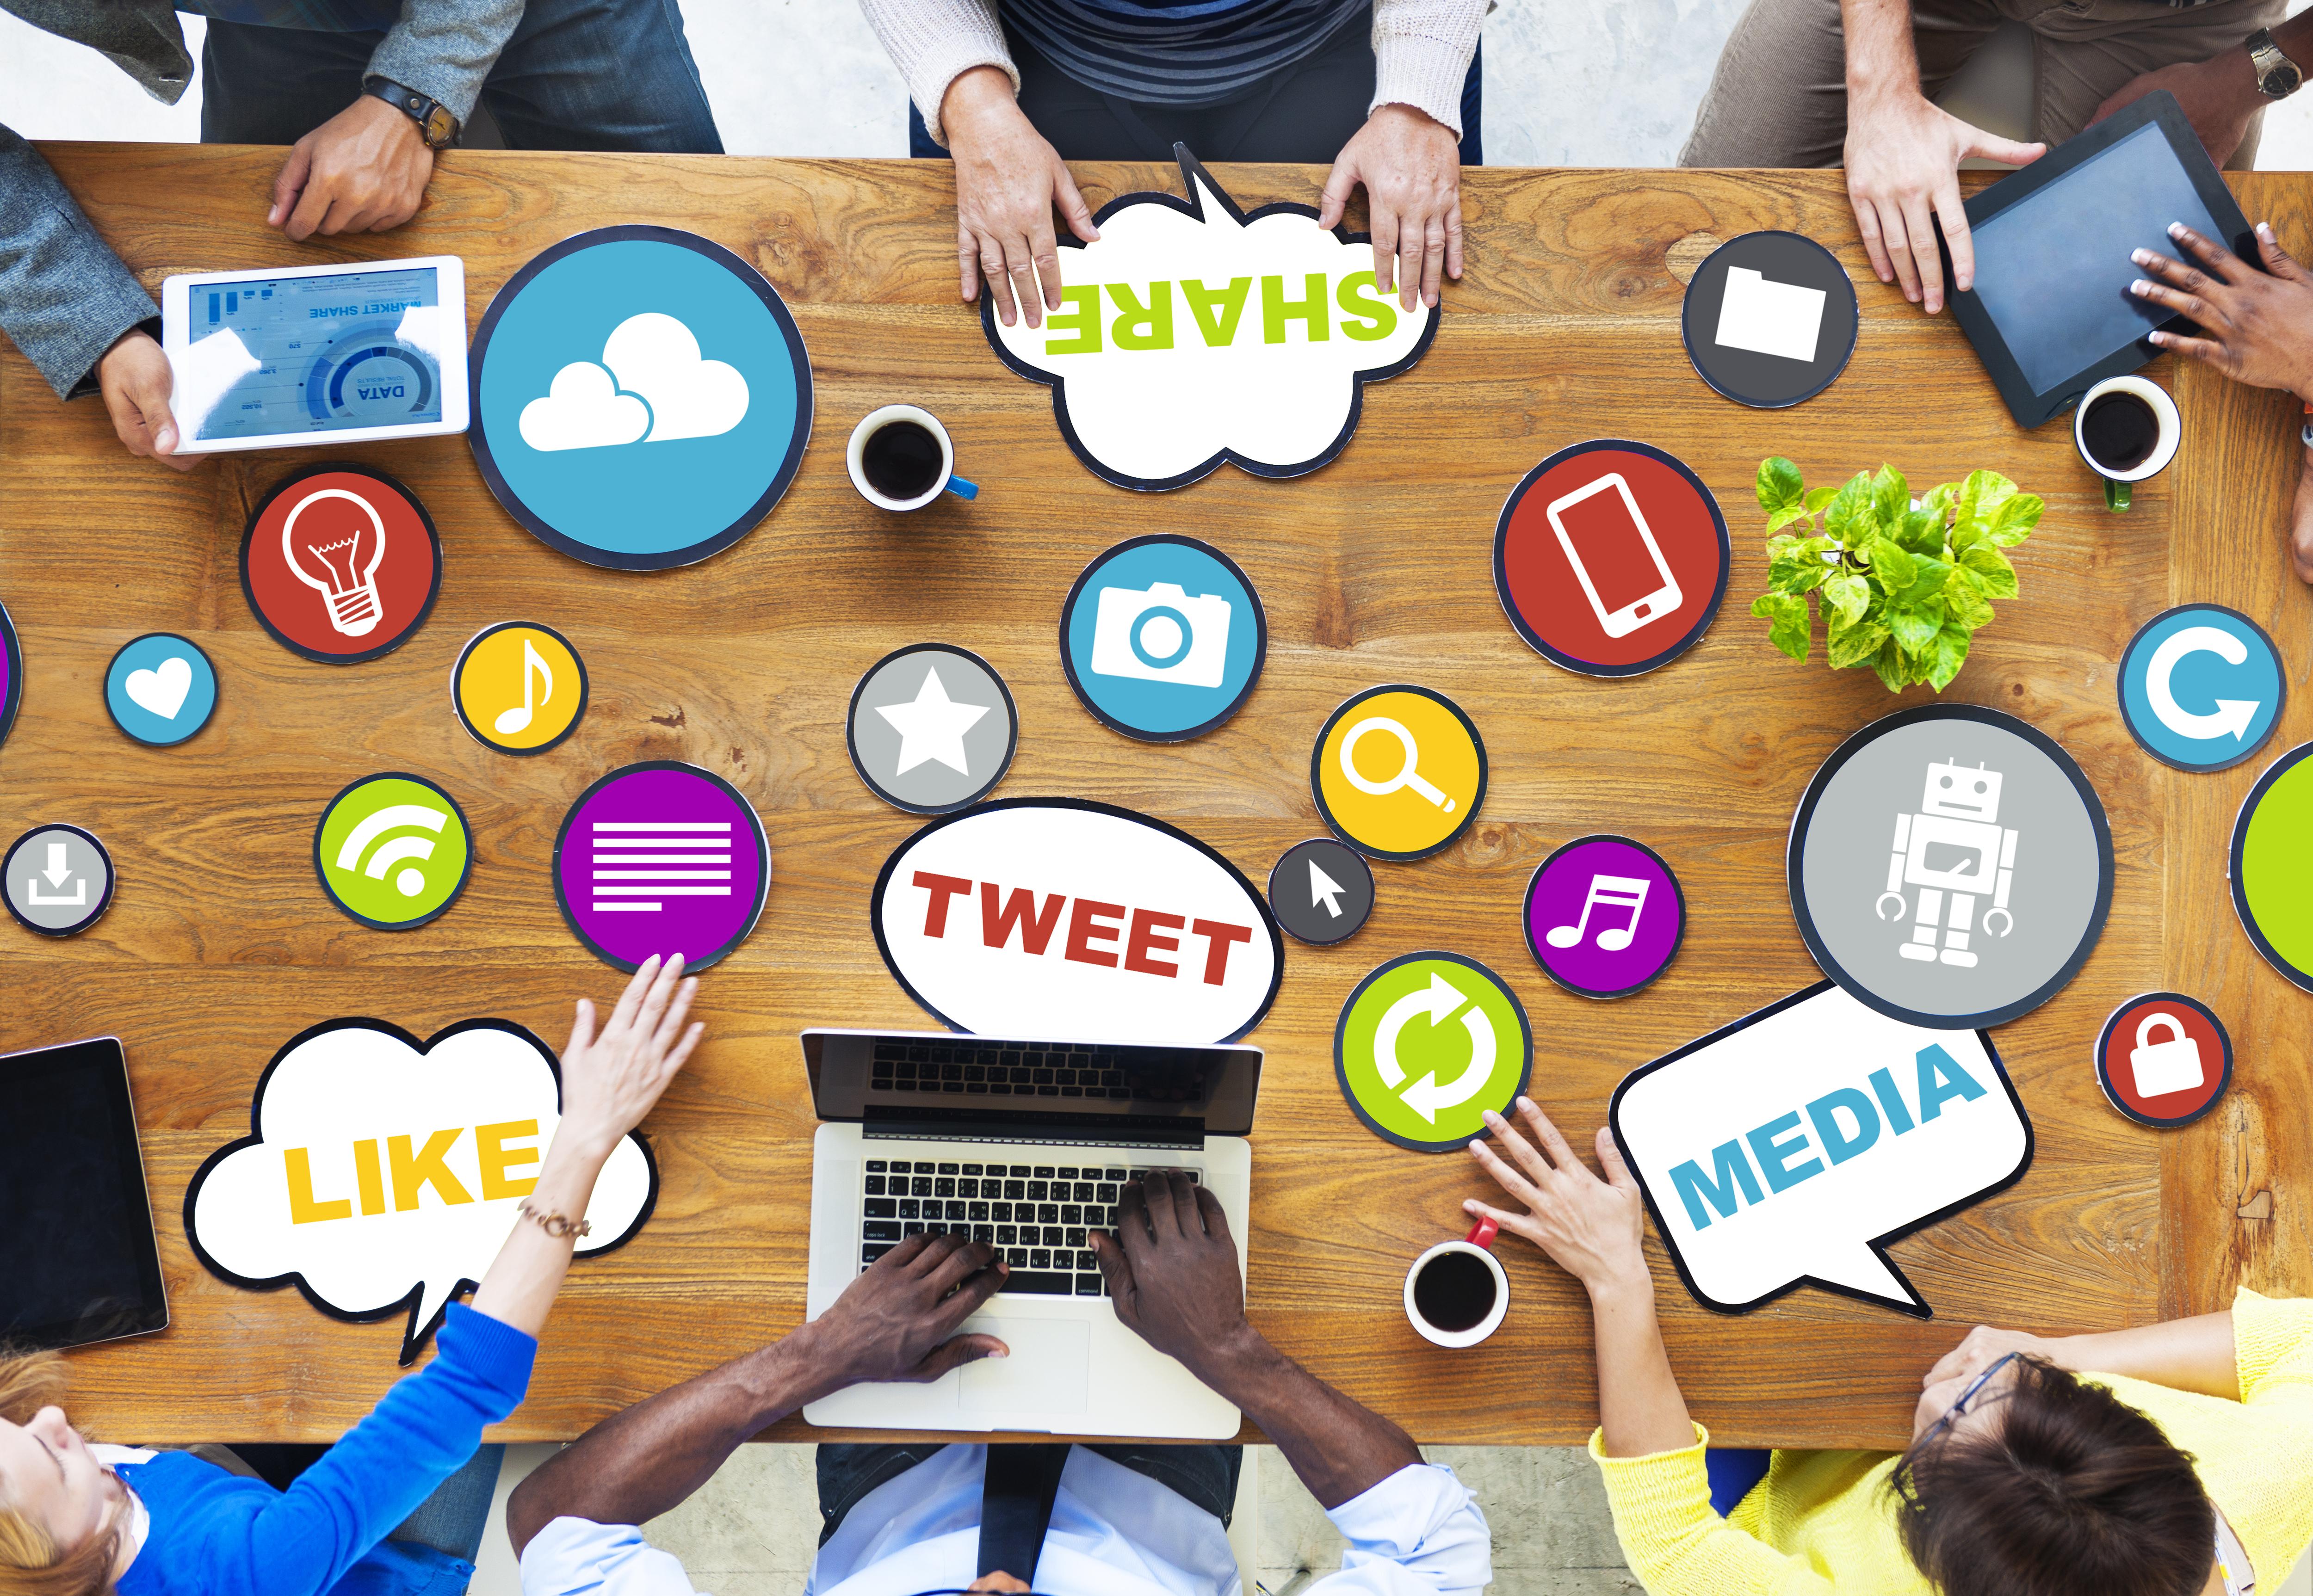 Są rzeczy ważne i ważniejsze. W dzisiejszych czasach, działania w social media należą zdecydowanie do tej drugiej grupy.